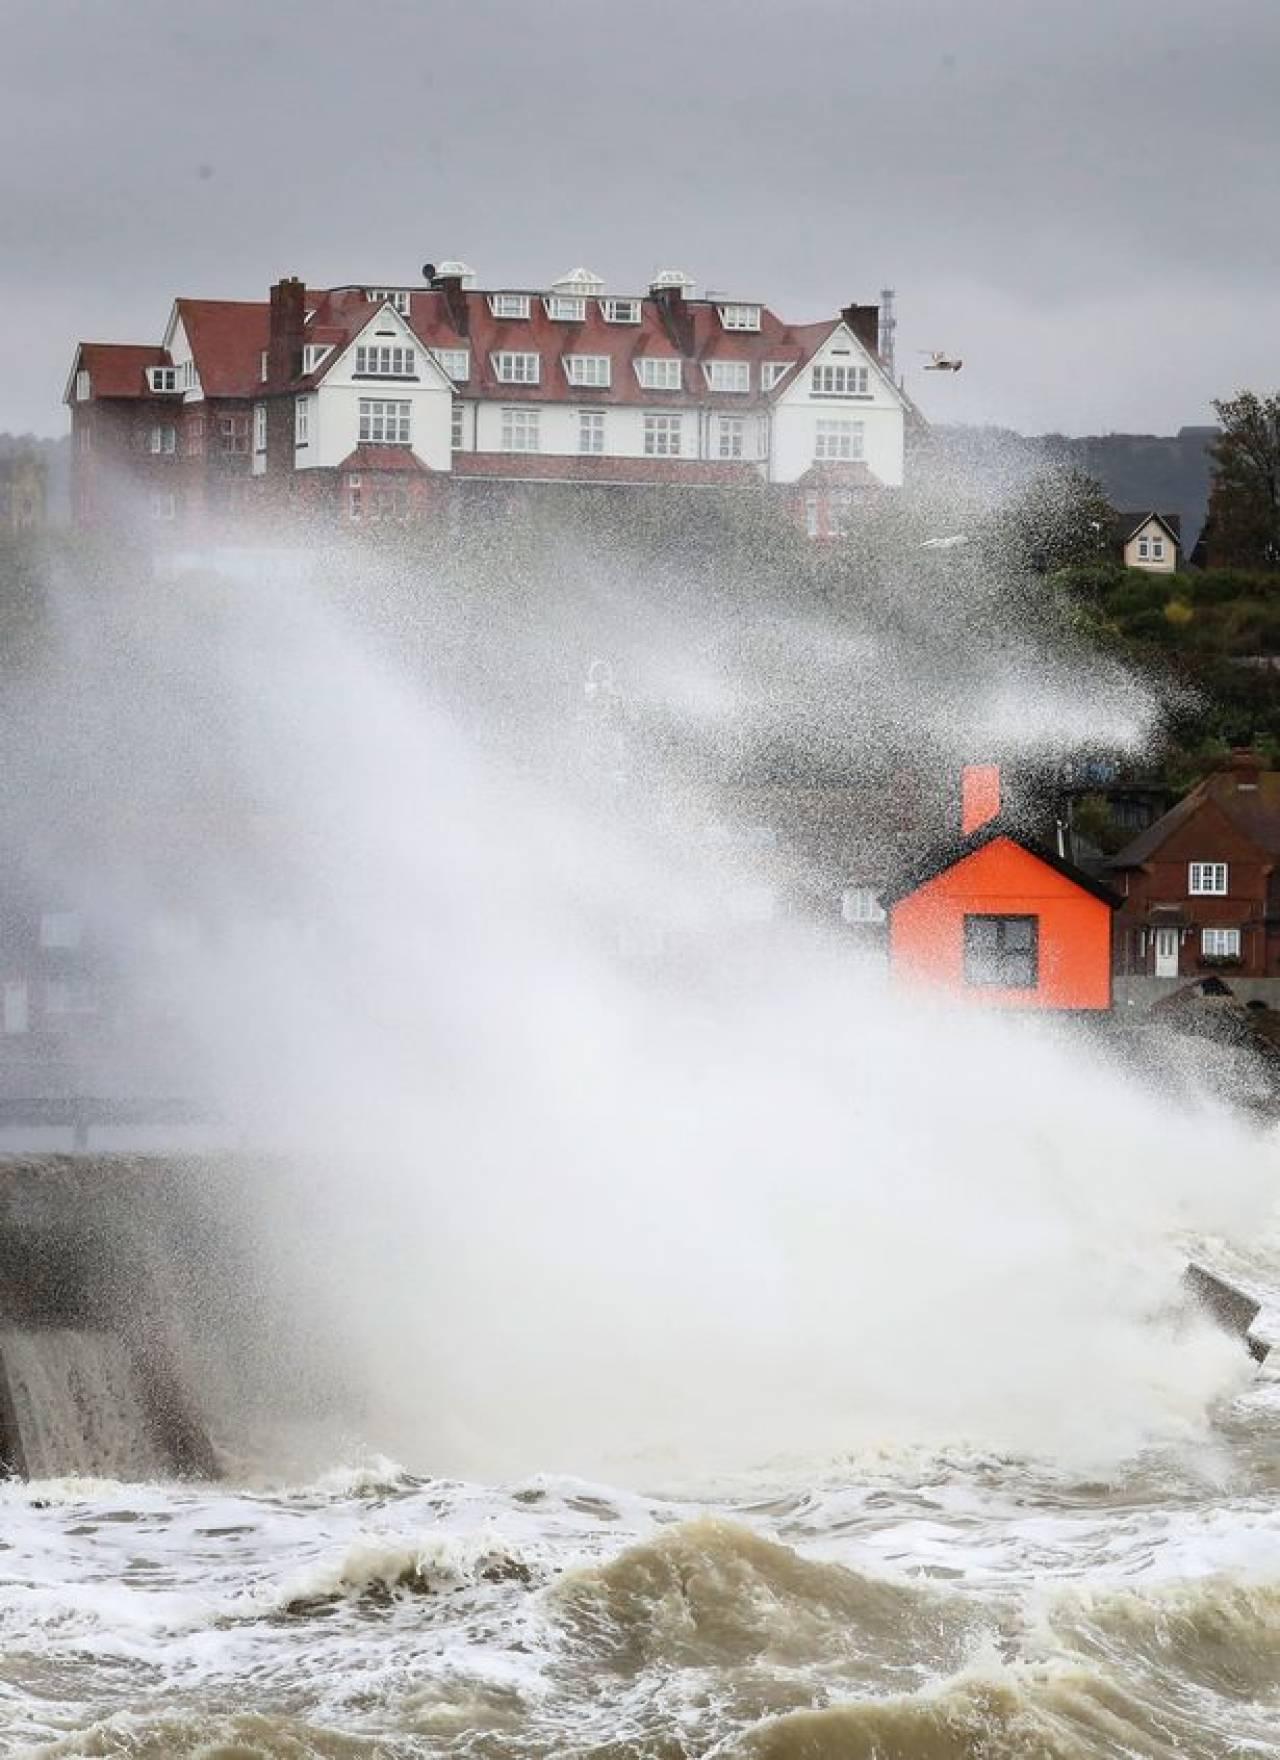 La furia del mare e del vento sull'Inghilterra